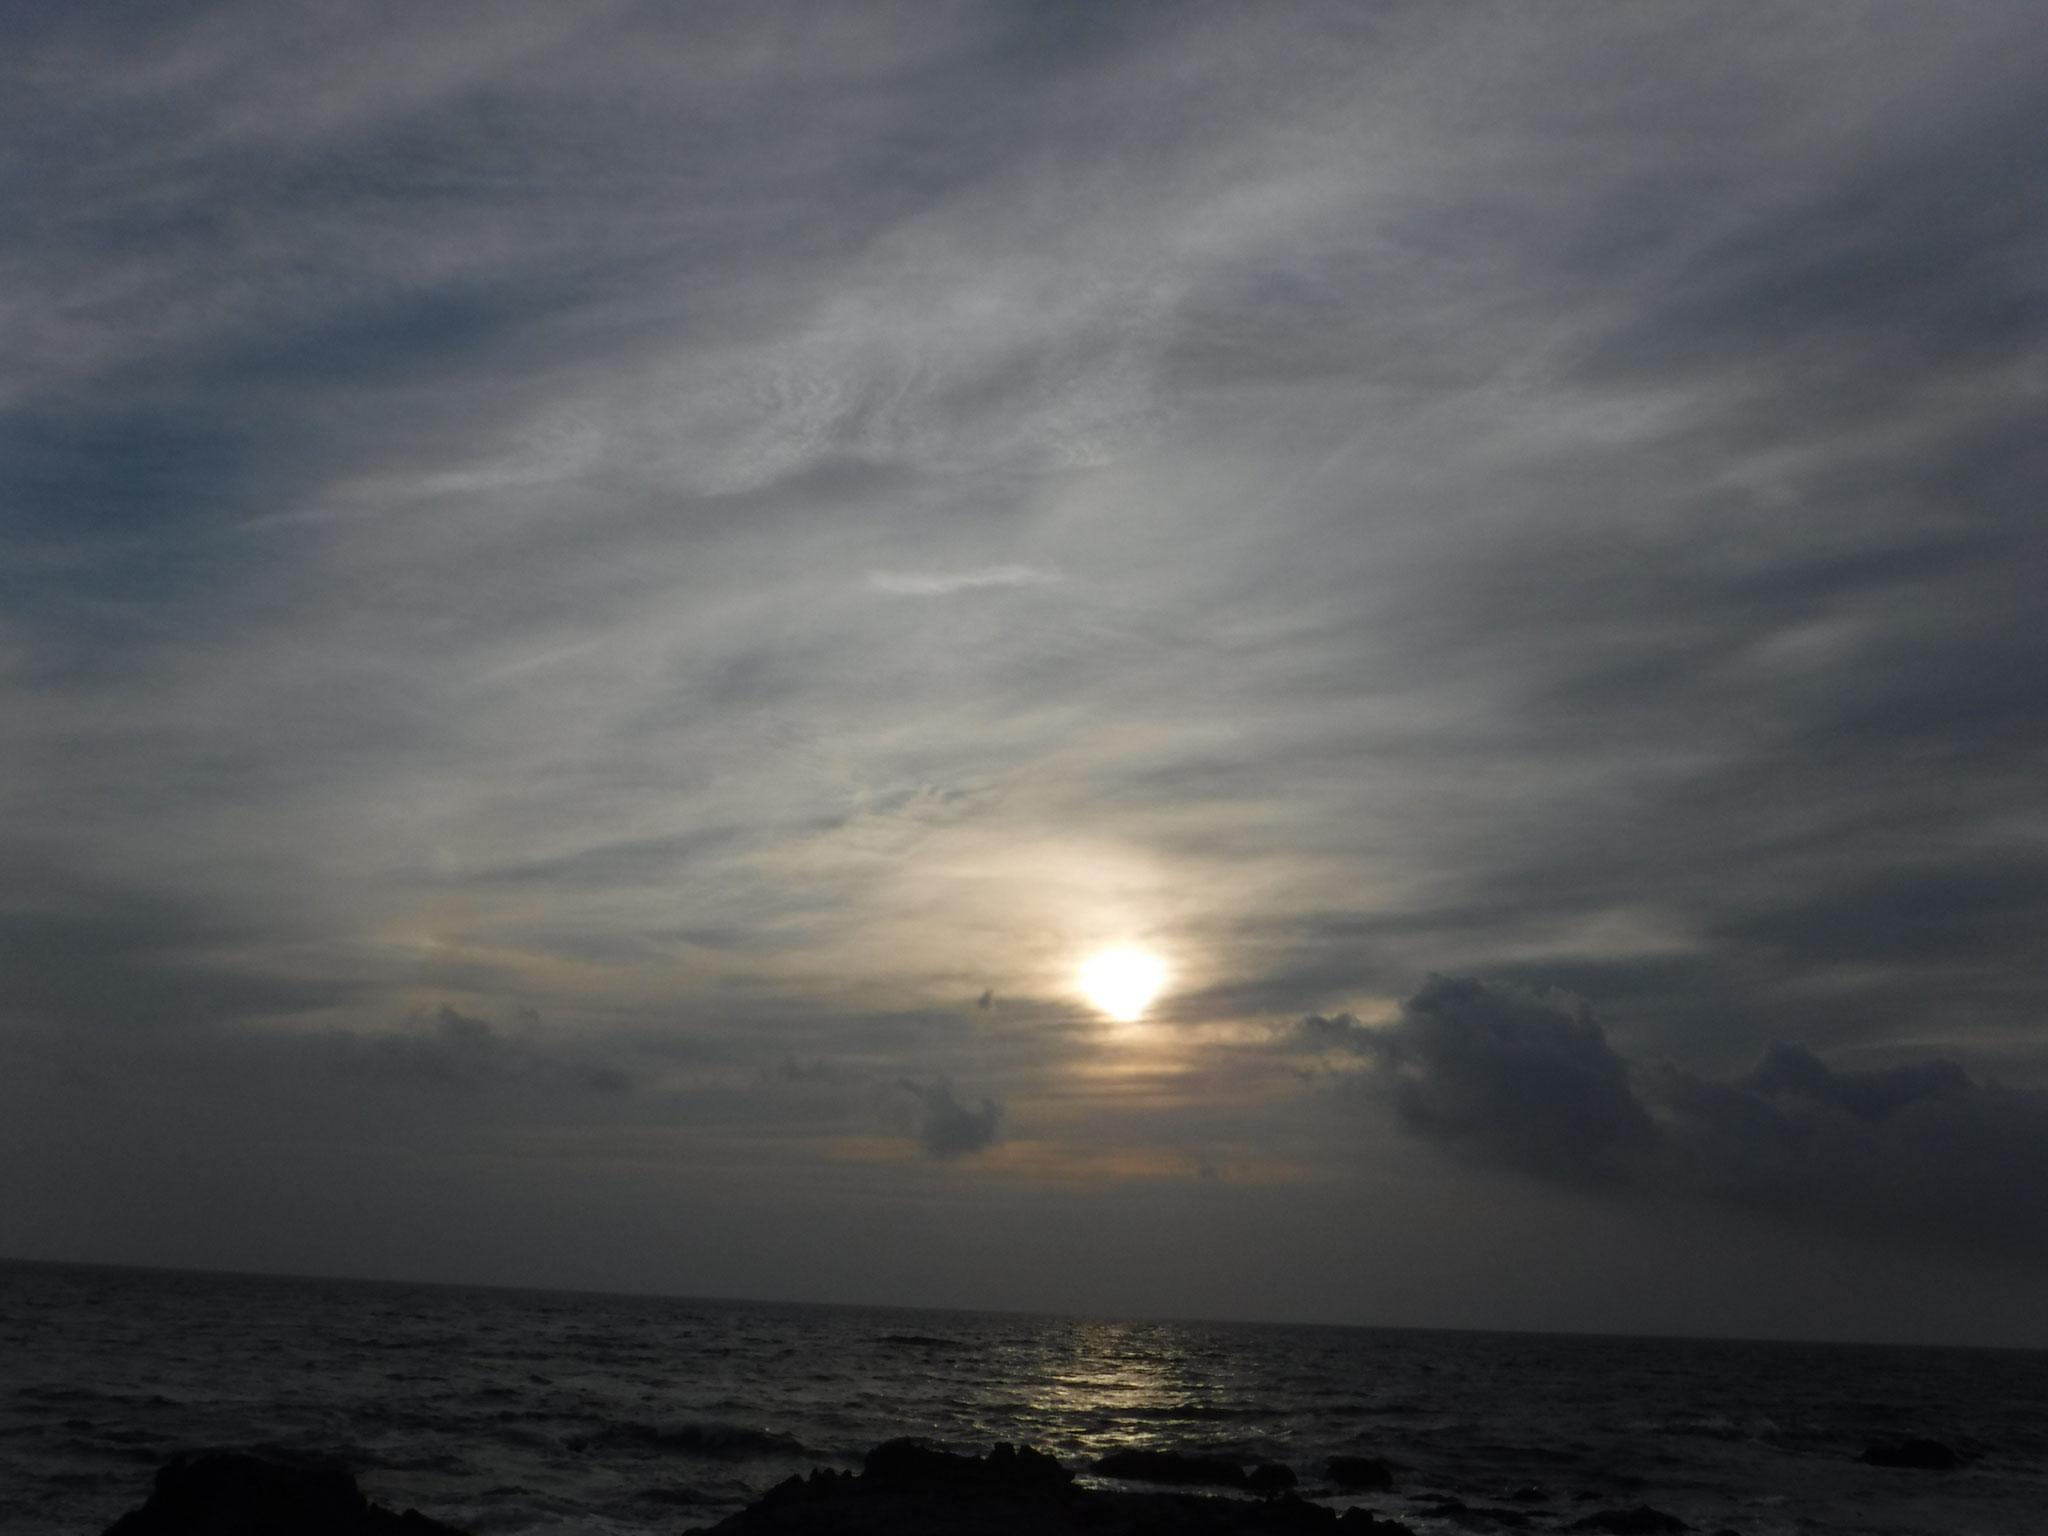 塚崎の浜から夕陽を望む